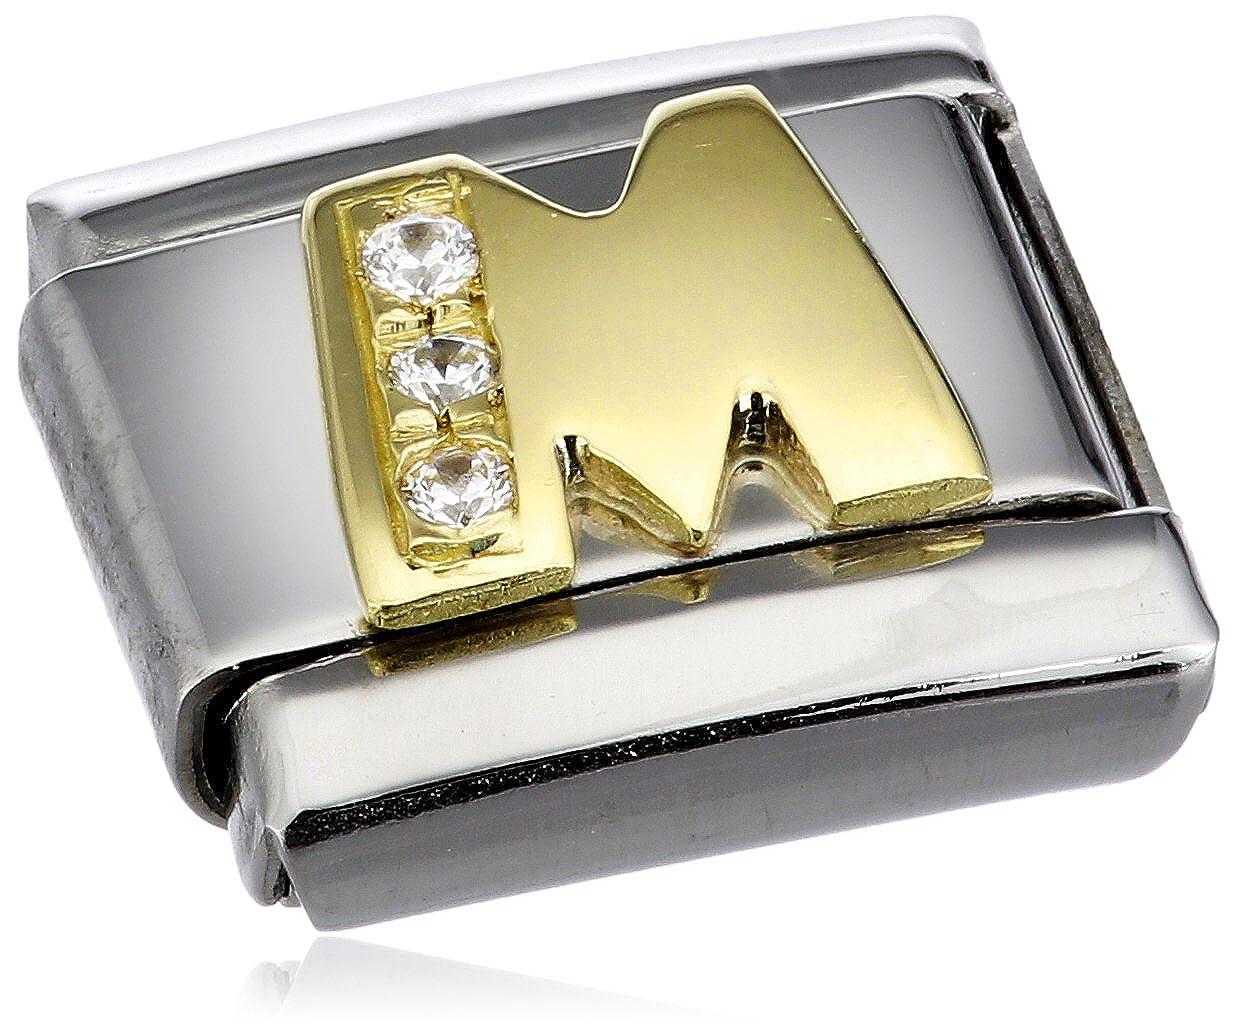 Nomination 030301 - Maillon pour bracelet composable Mixte - Acier inoxydable et Or jaune 18 cts